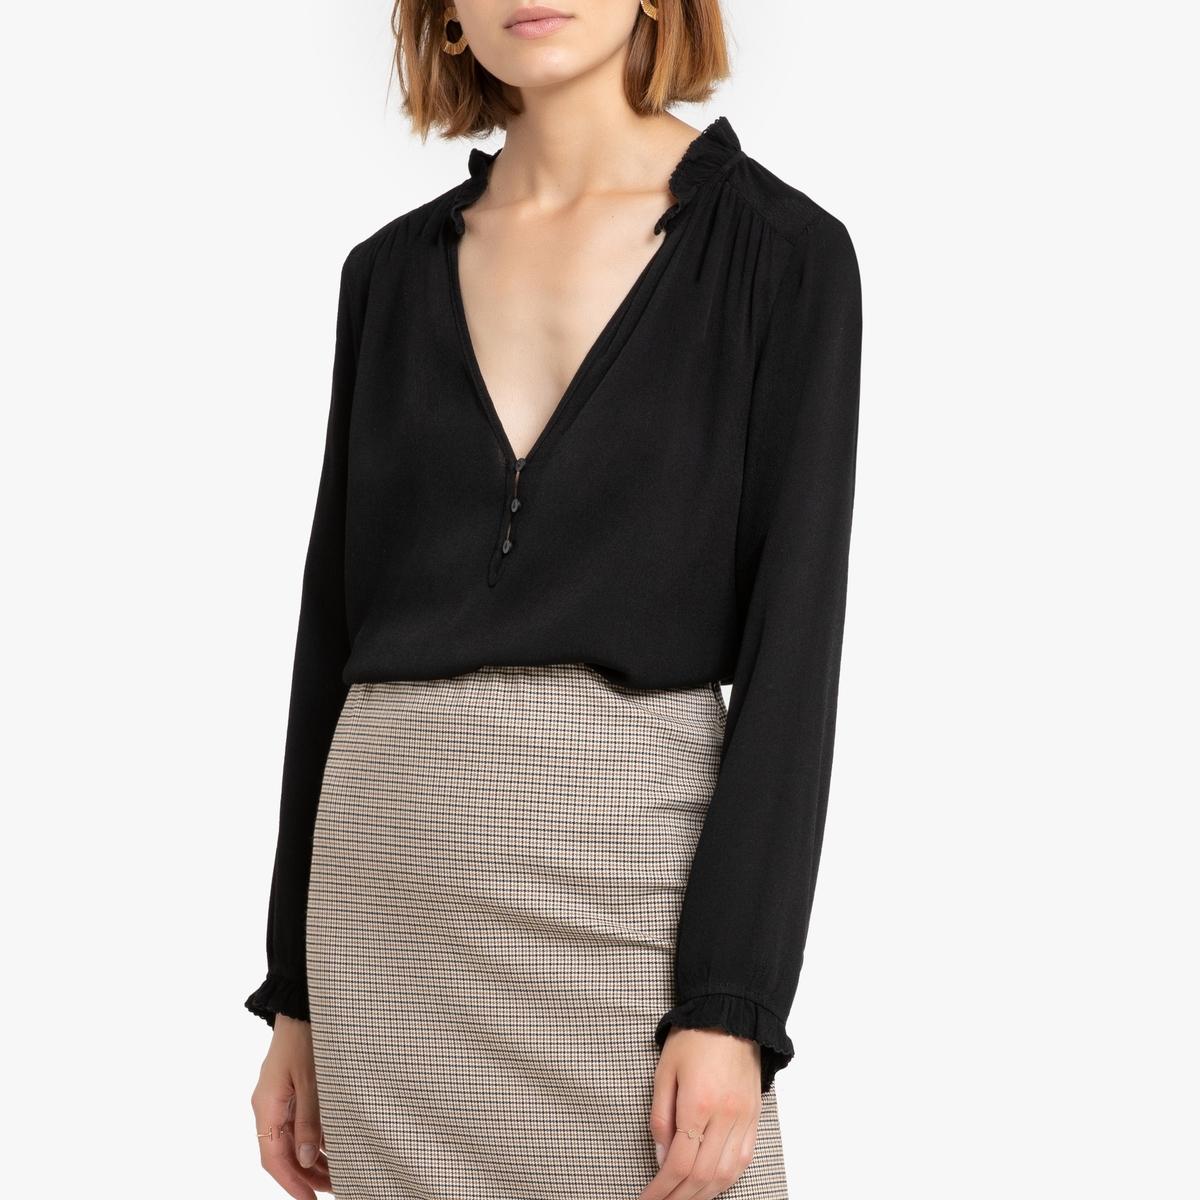 Блузка La Redoute С длинными рукавами и V-образным вырезом 0(XS) черный футболка la redoute с длинными рукавами и v образным вырезом из кружева s черный